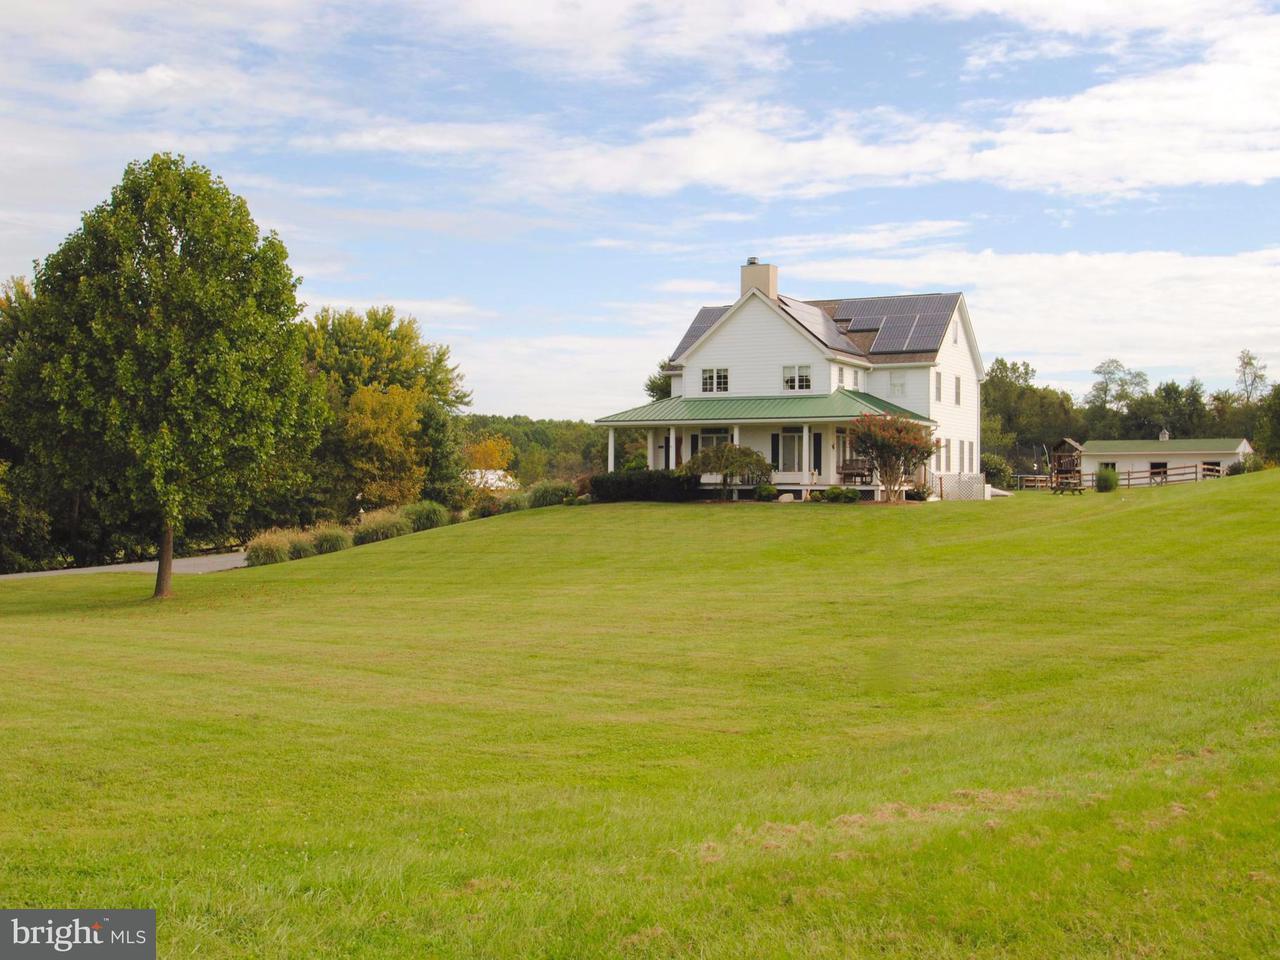 Частный односемейный дом для того Продажа на 4291 HAWTHORNE FARMS Road 4291 HAWTHORNE FARMS Road Harwood, Мэриленд 20776 Соединенные Штаты